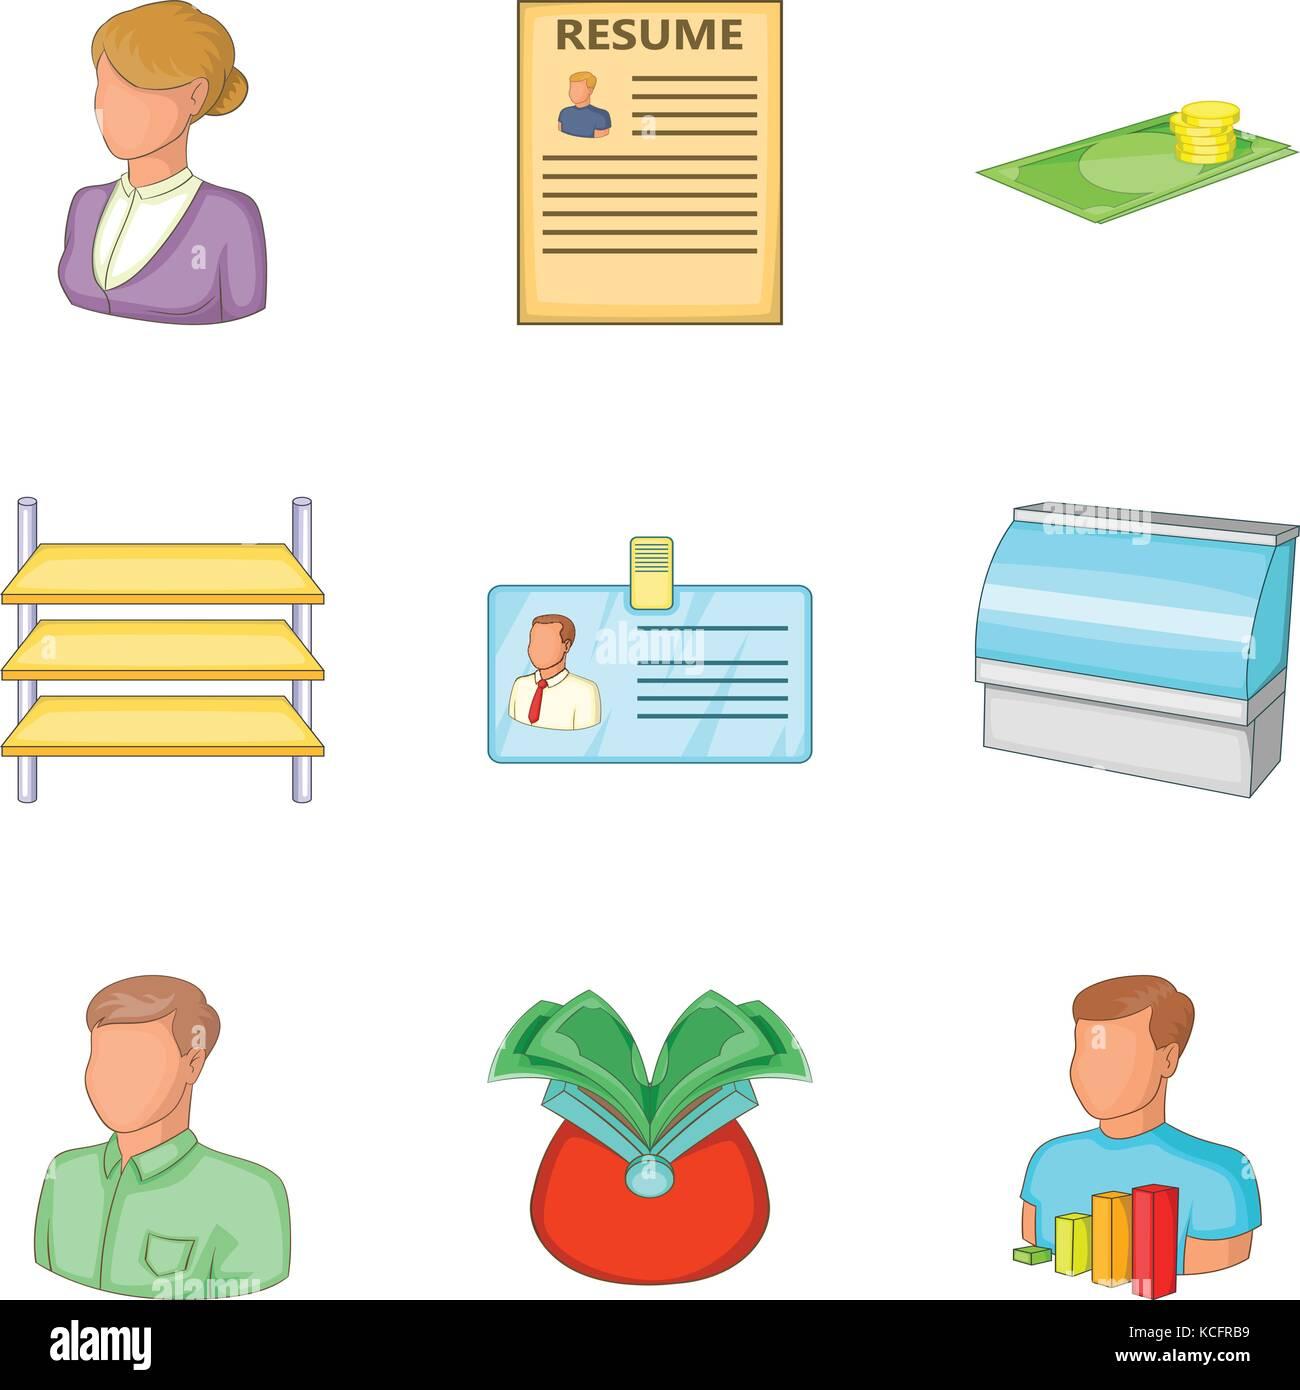 Personal Presentation Imágenes De Stock & Personal Presentation ...